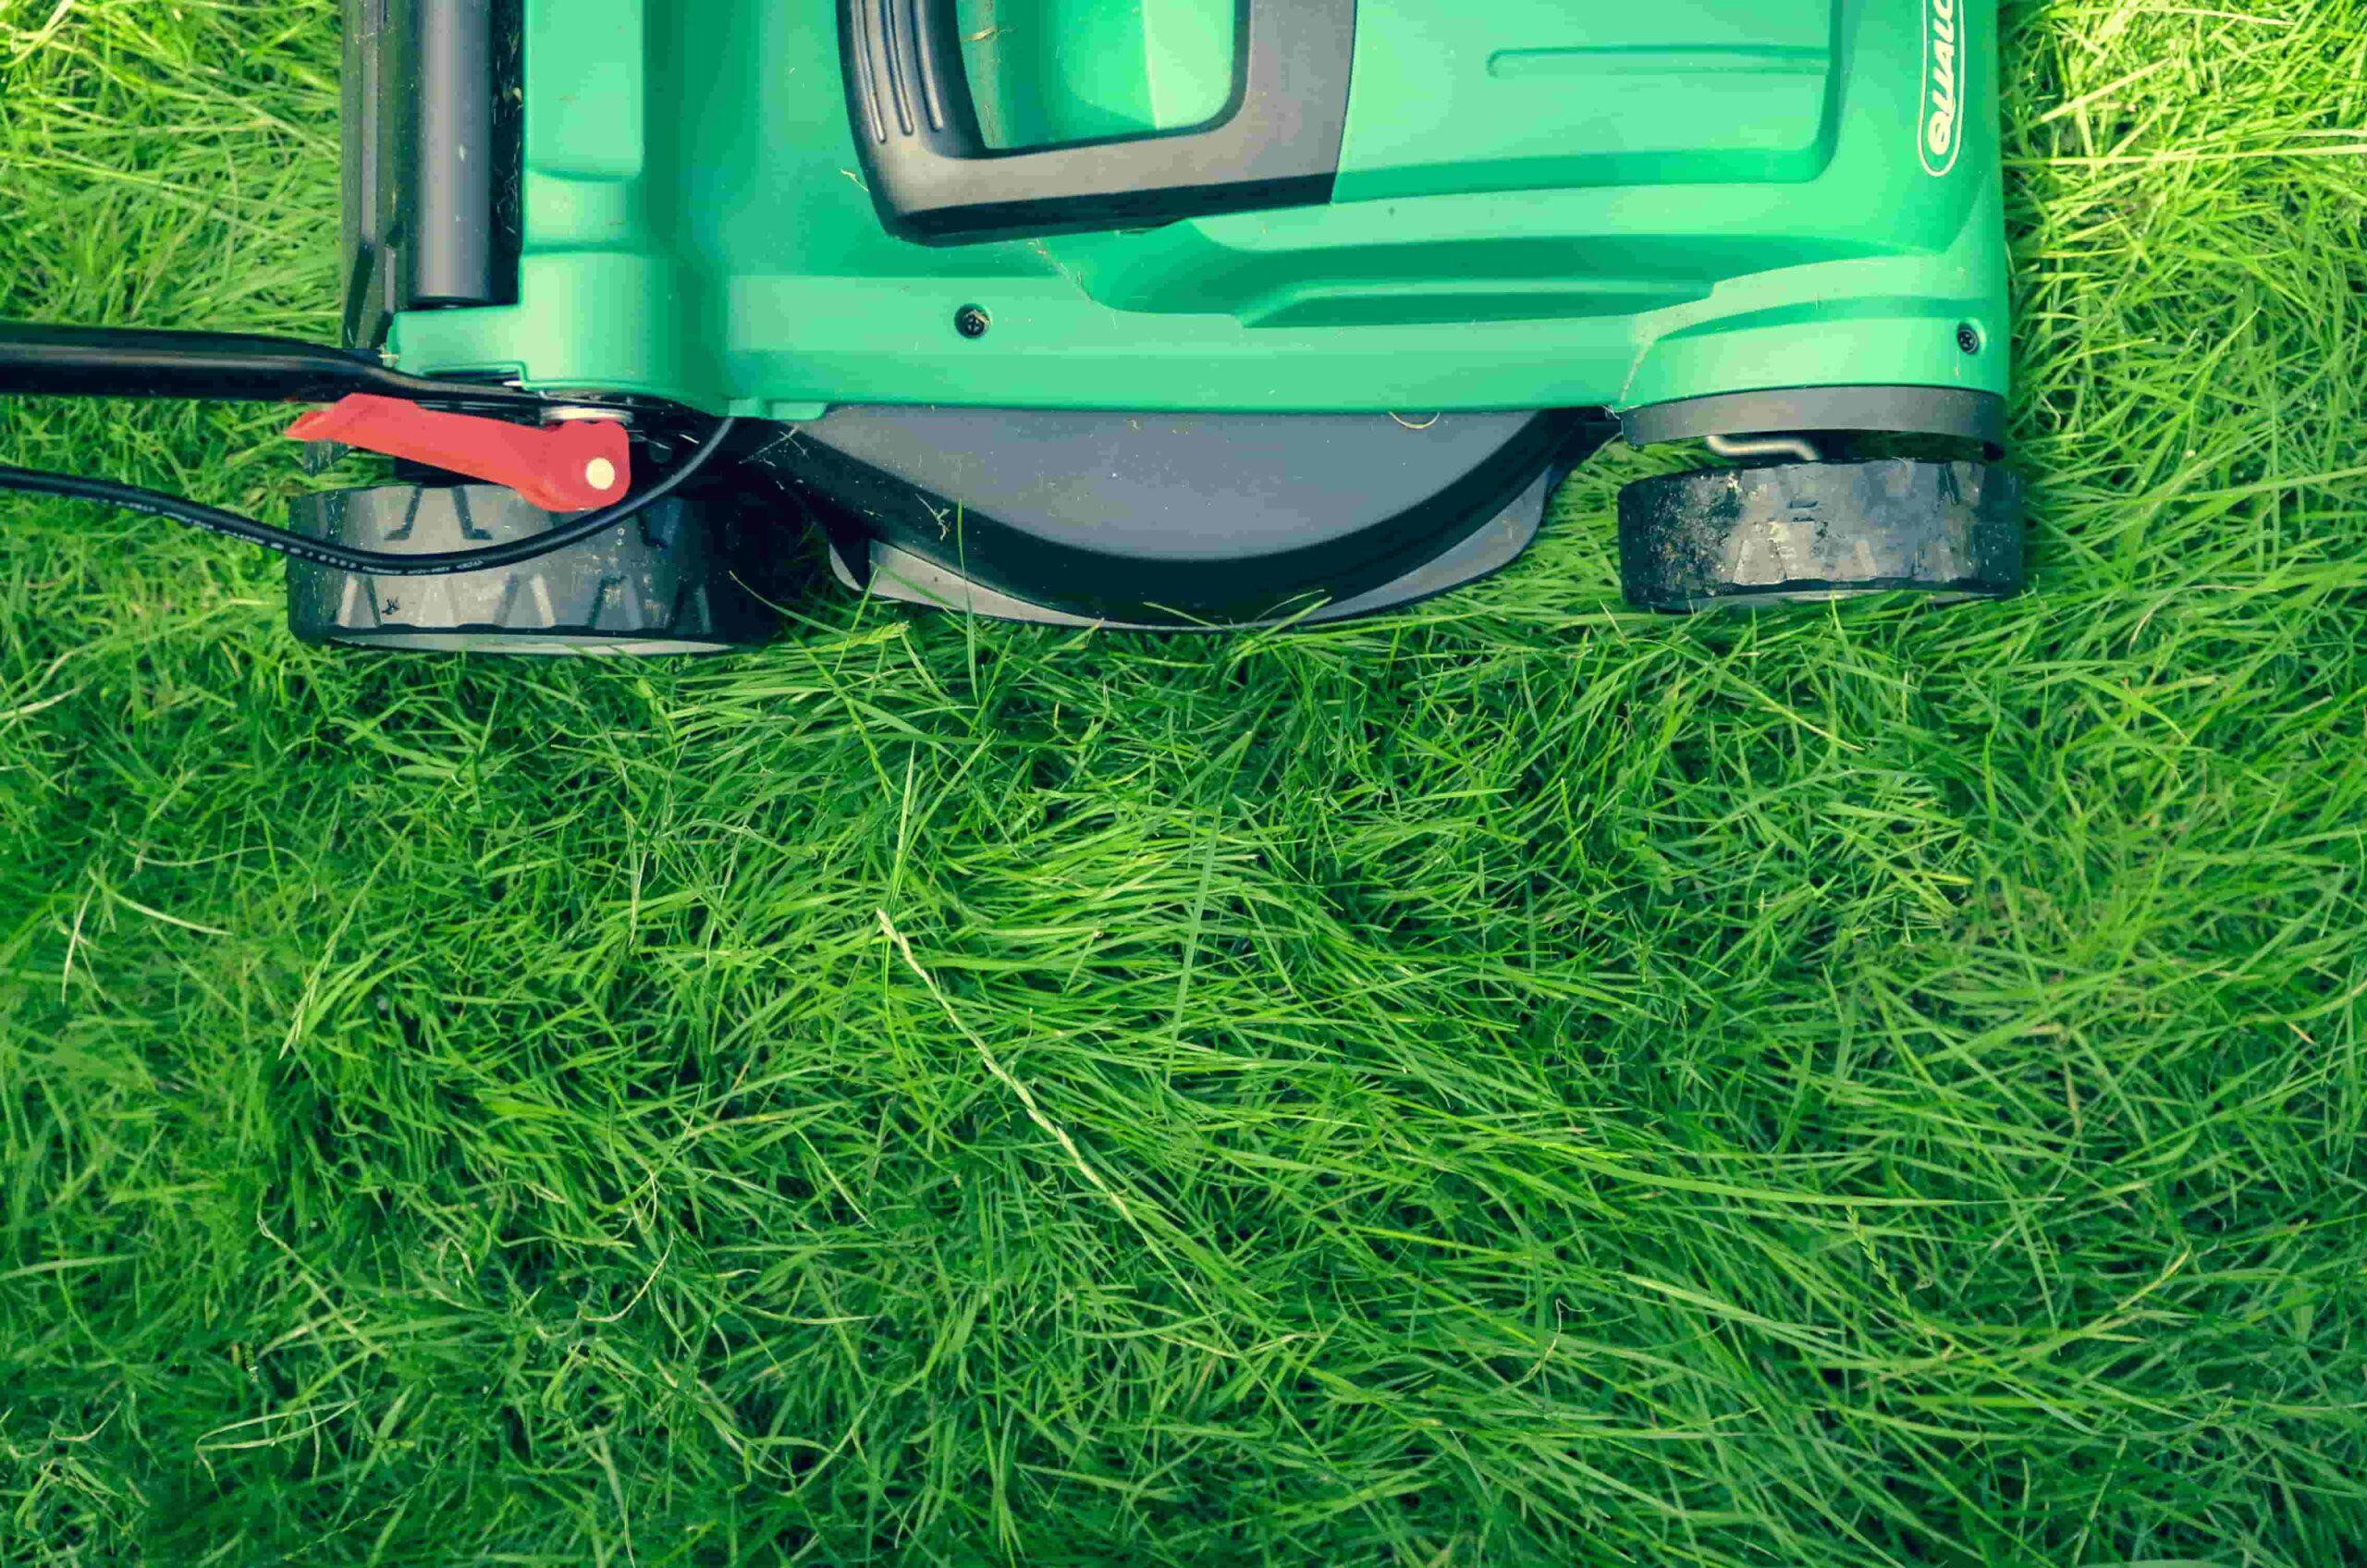 Du mähst falsch! – Die 7 größten Fehler beim Rasenmähen